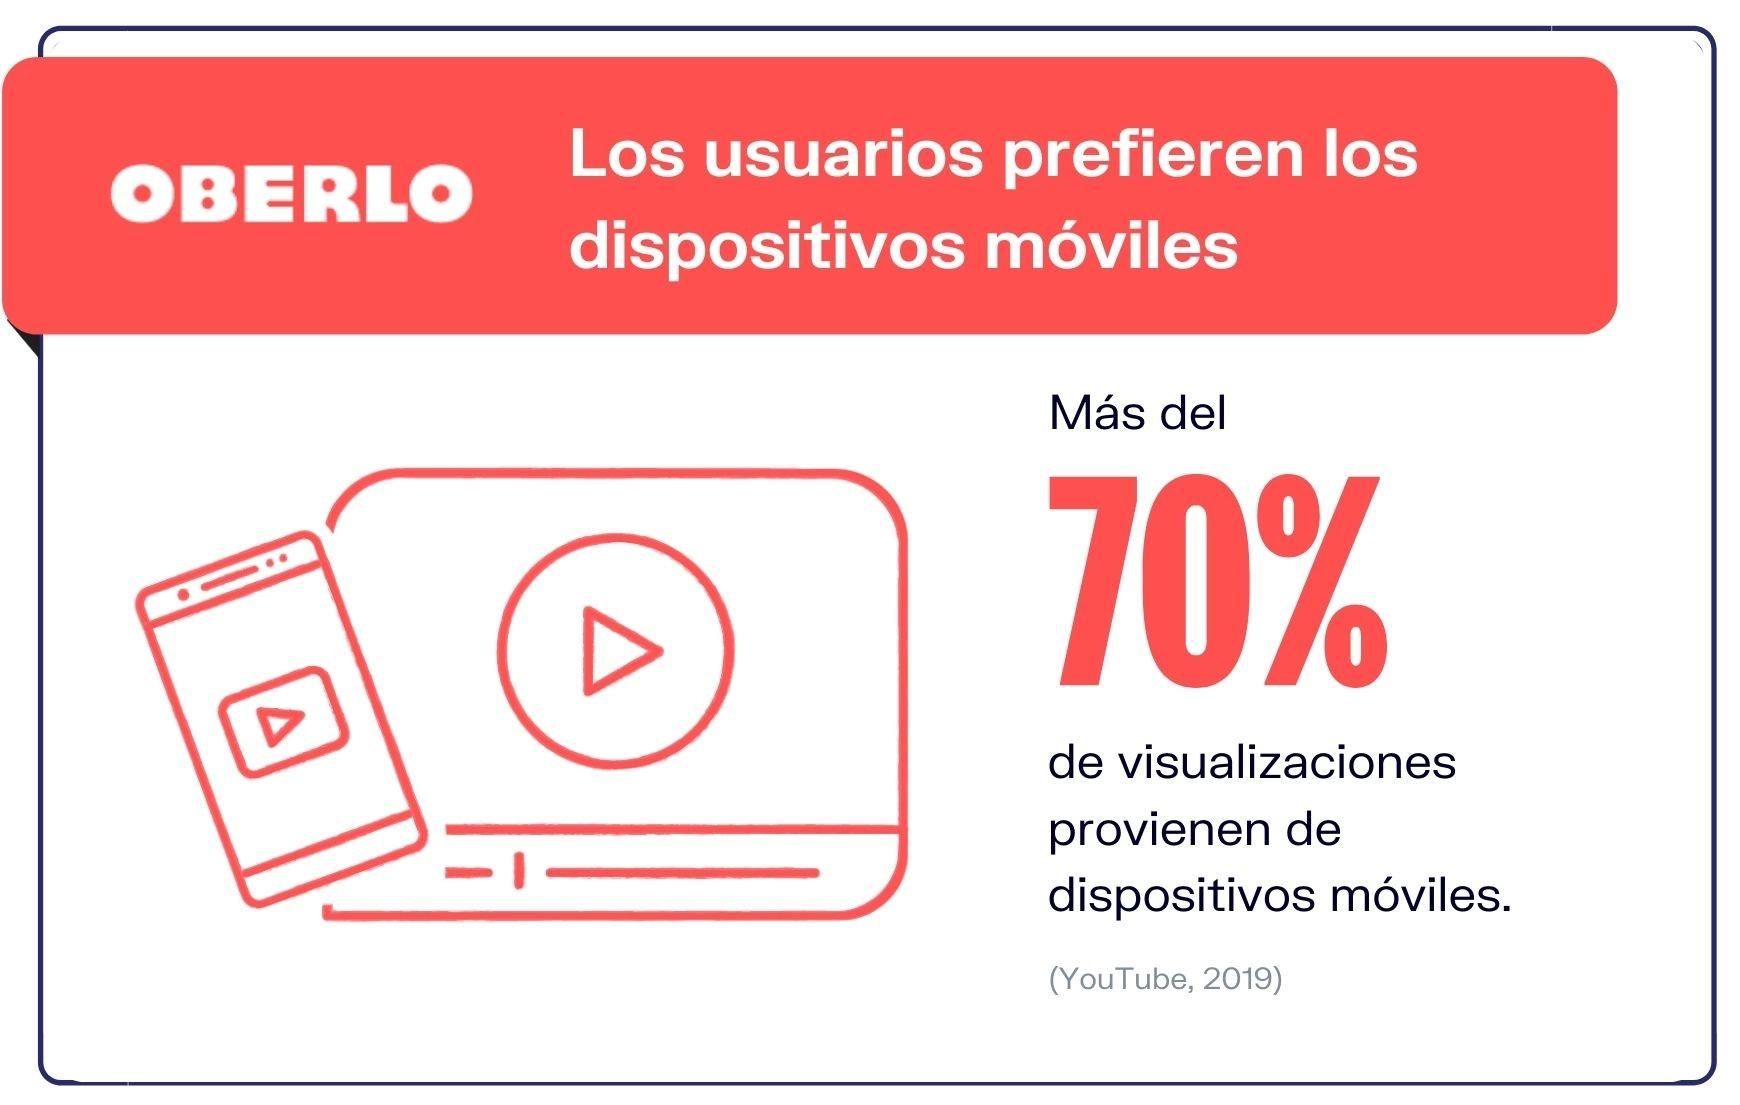 Estadistica-de-YouTube-Los-usuarios-de-youtube-prefieren-los-mobiles